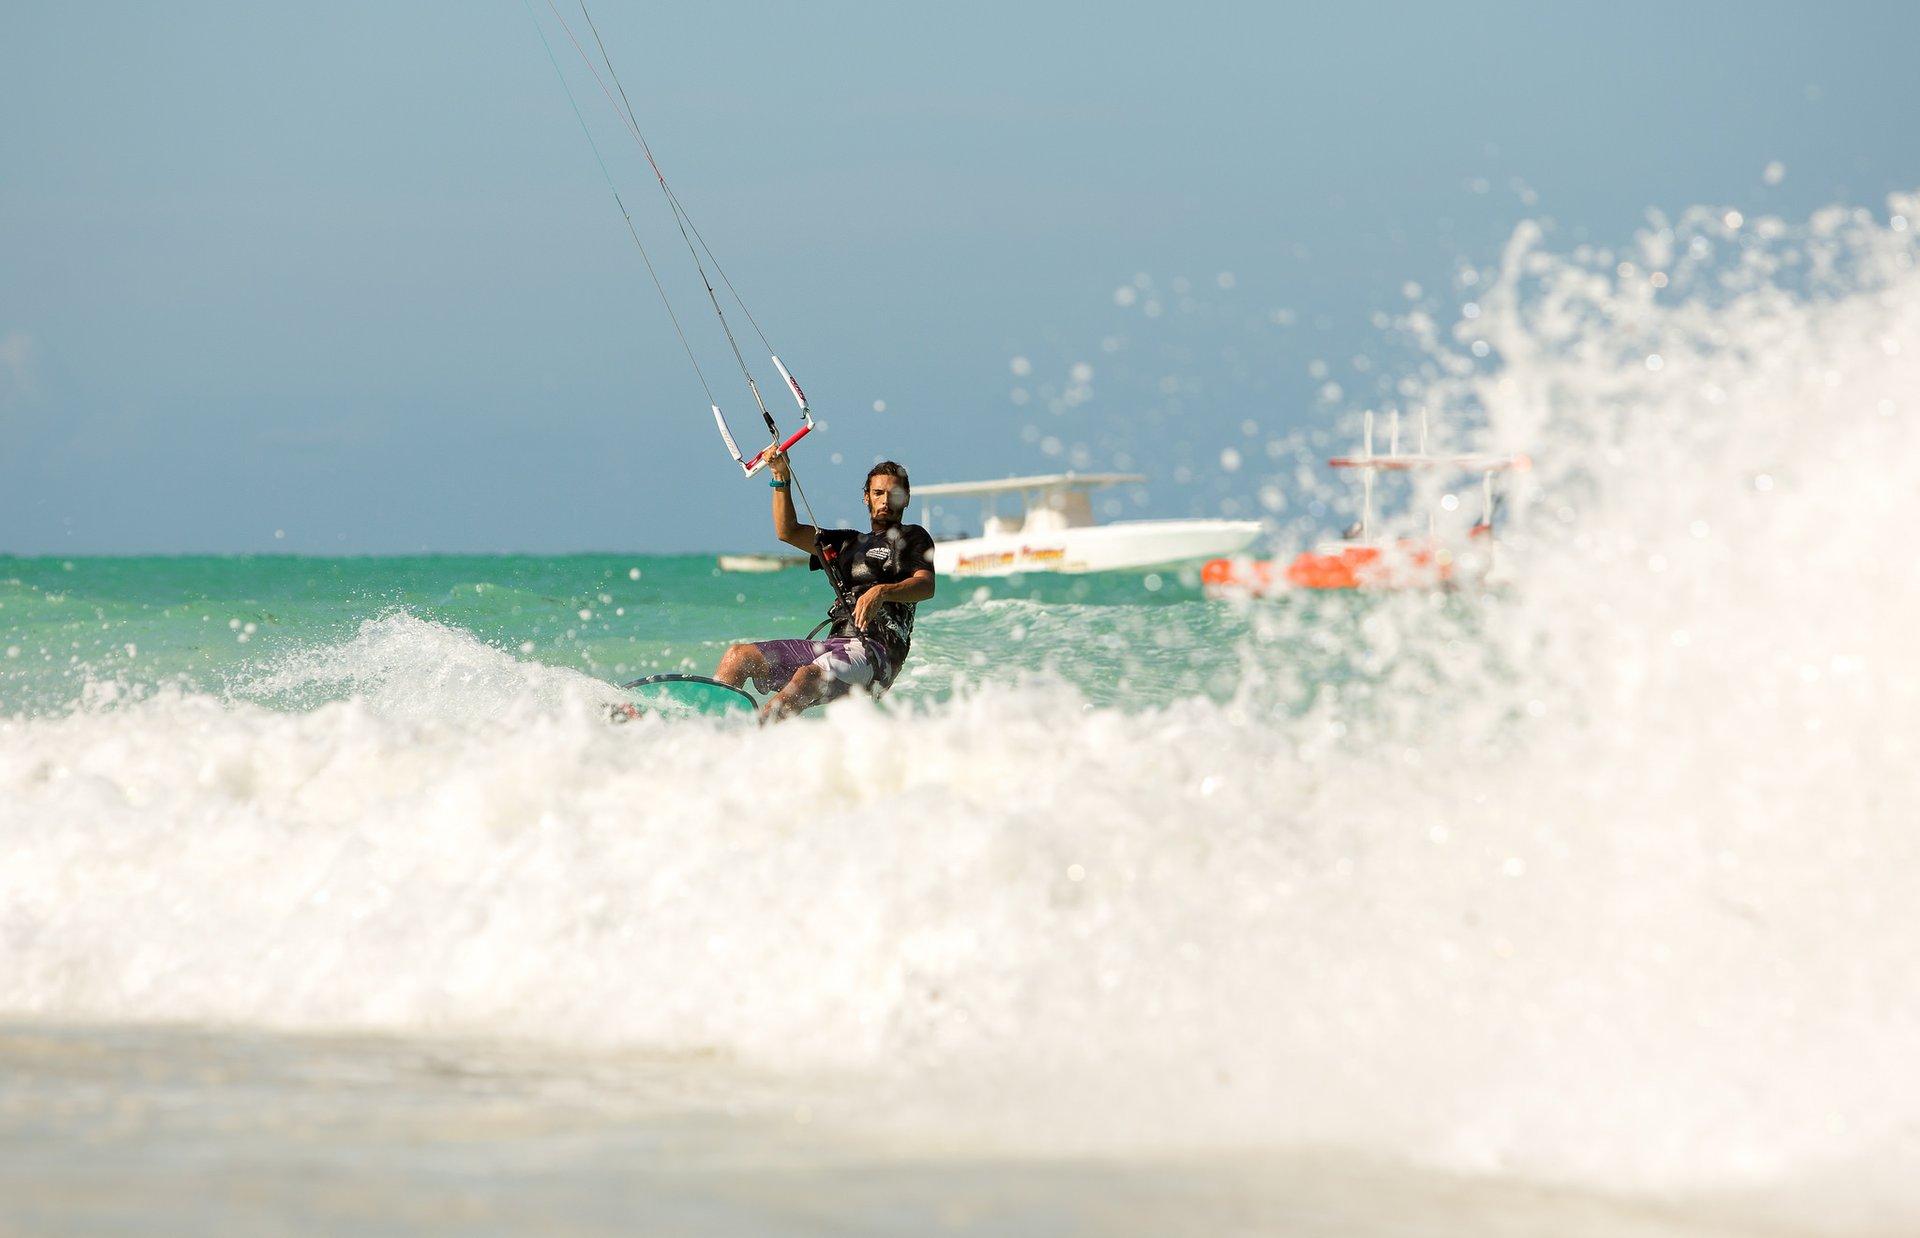 Kitesurfing in Zanzibar 2019 - Best Time